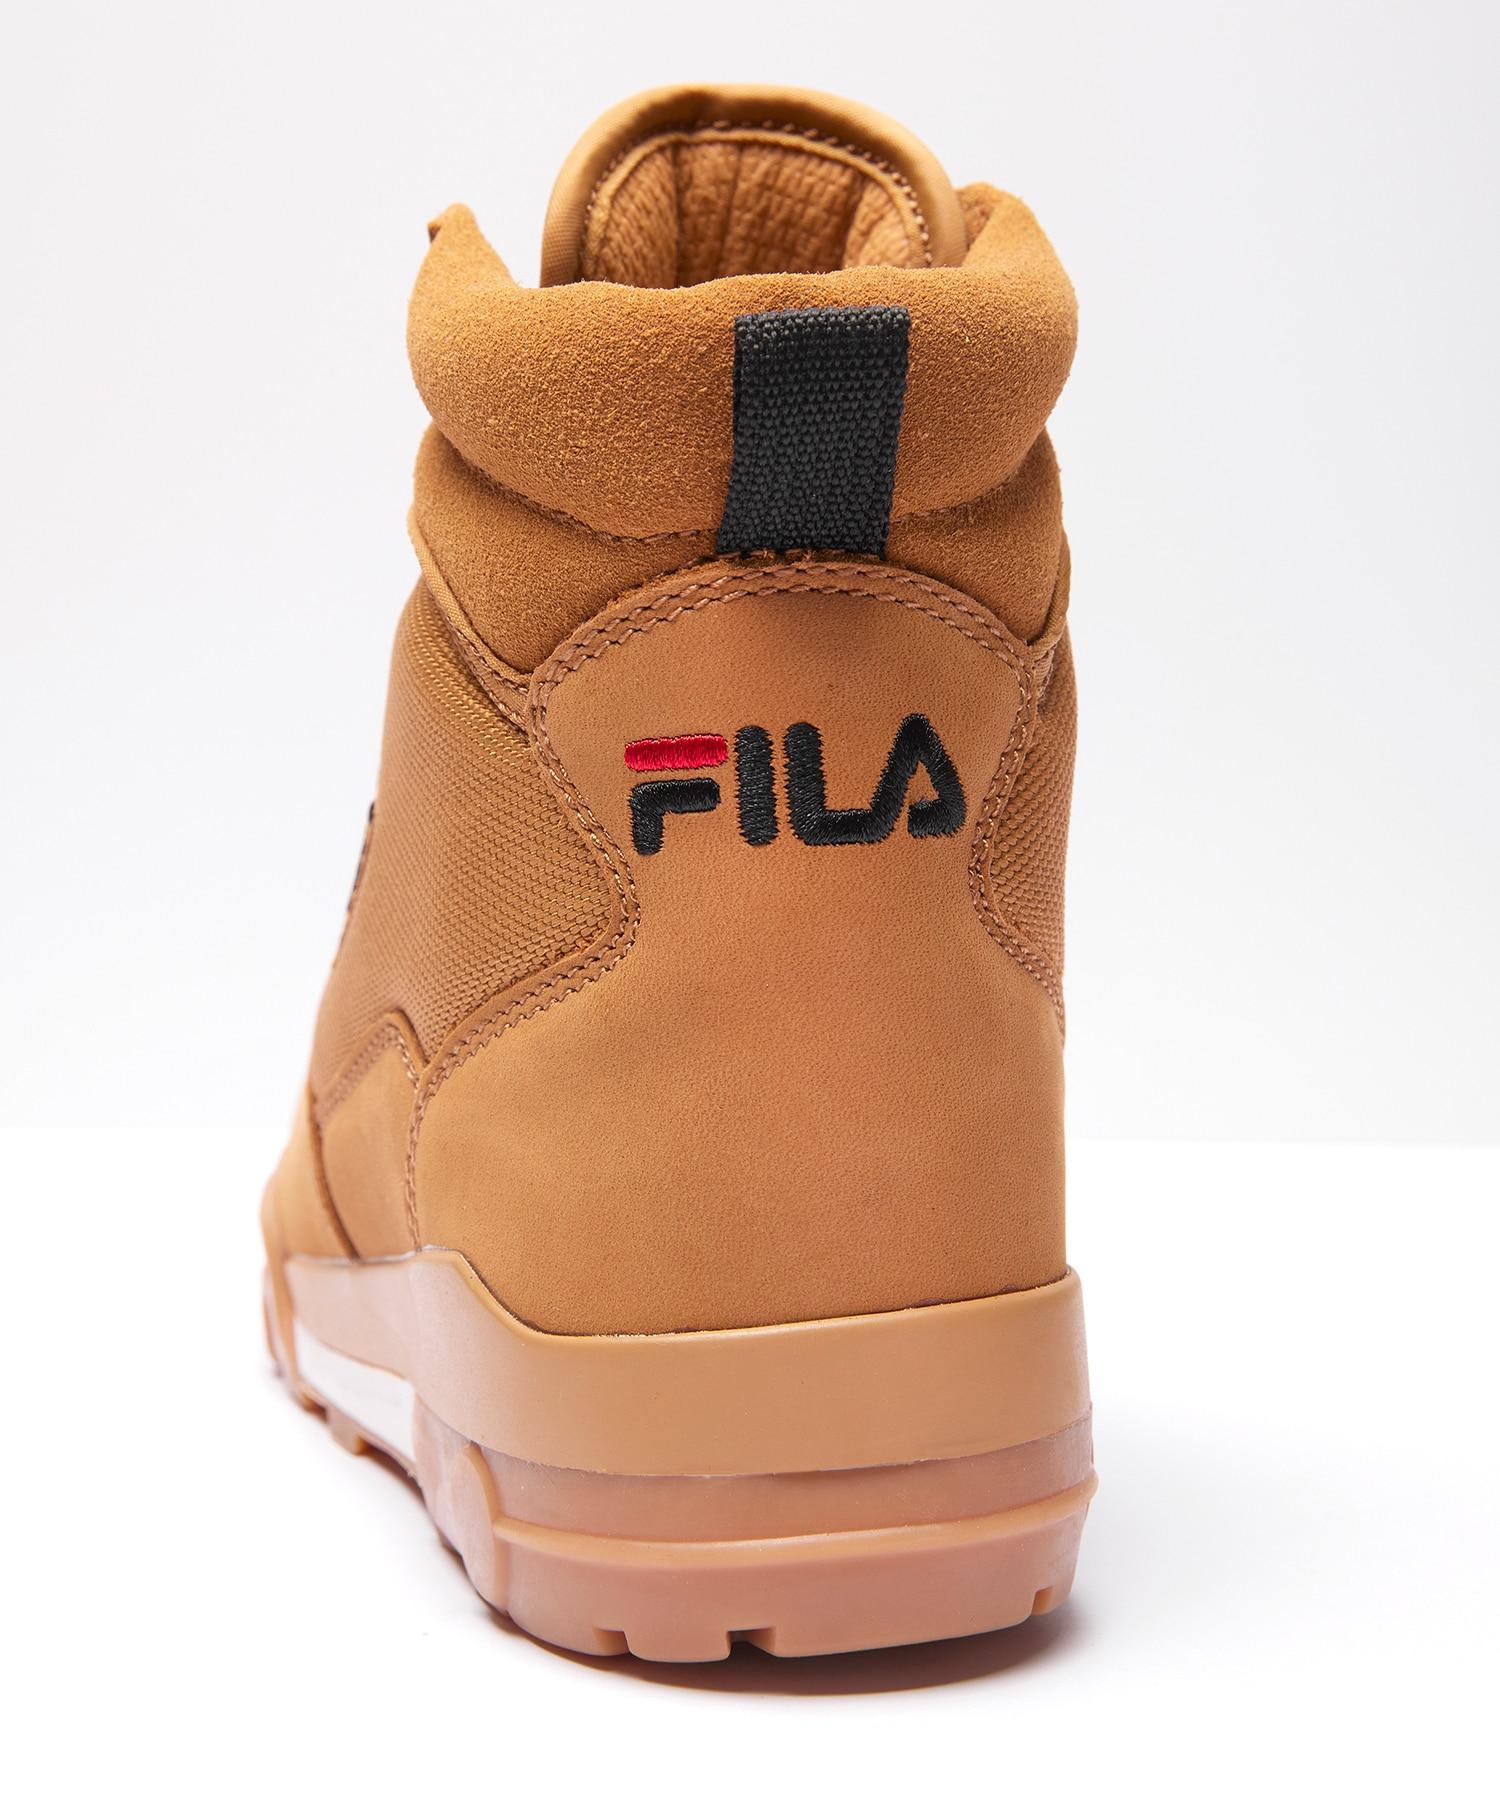 Fila Grunge II Mid